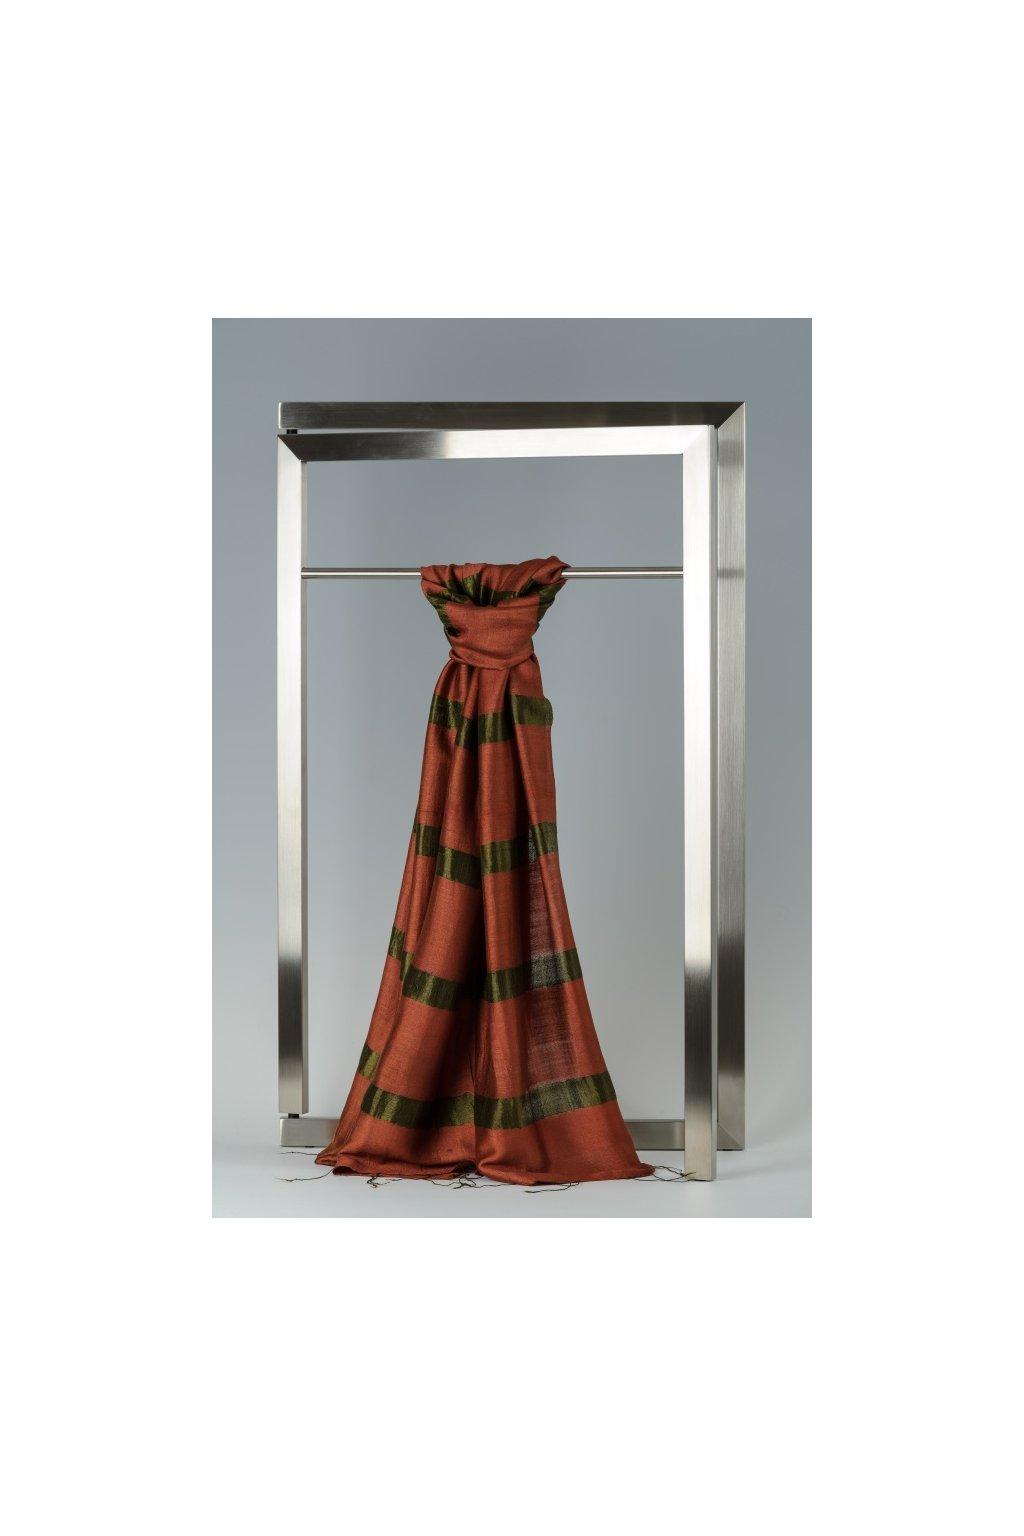 Šála z hedvábí a bavlny s proužky - HBR022